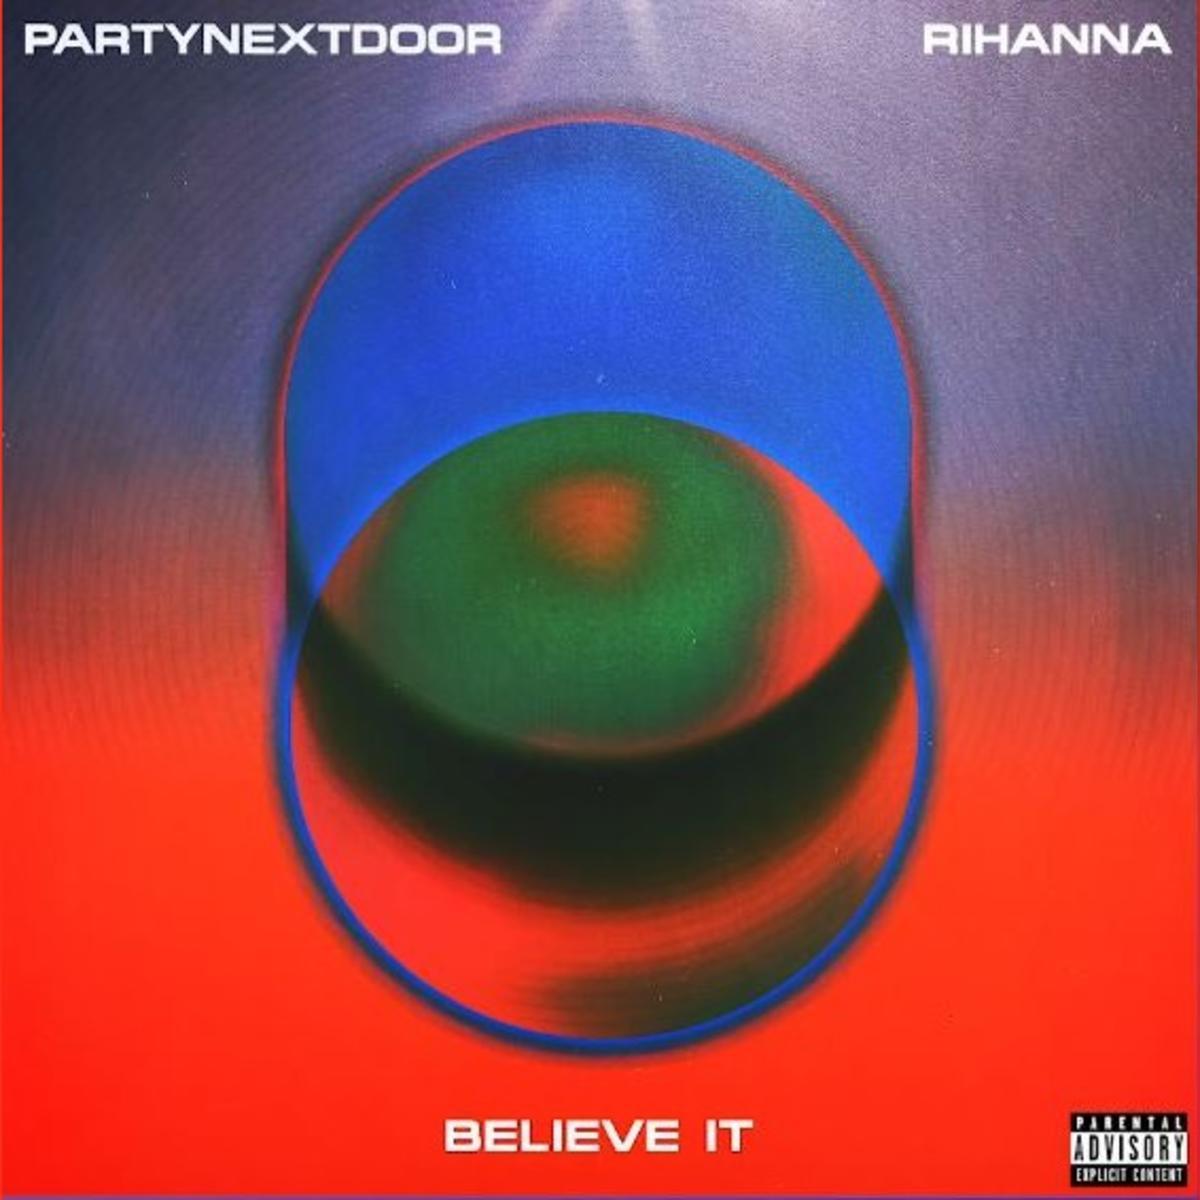 DOWNLOAD MP3 PARTYNEXTDOOR - Believe It Ft. Rihanna